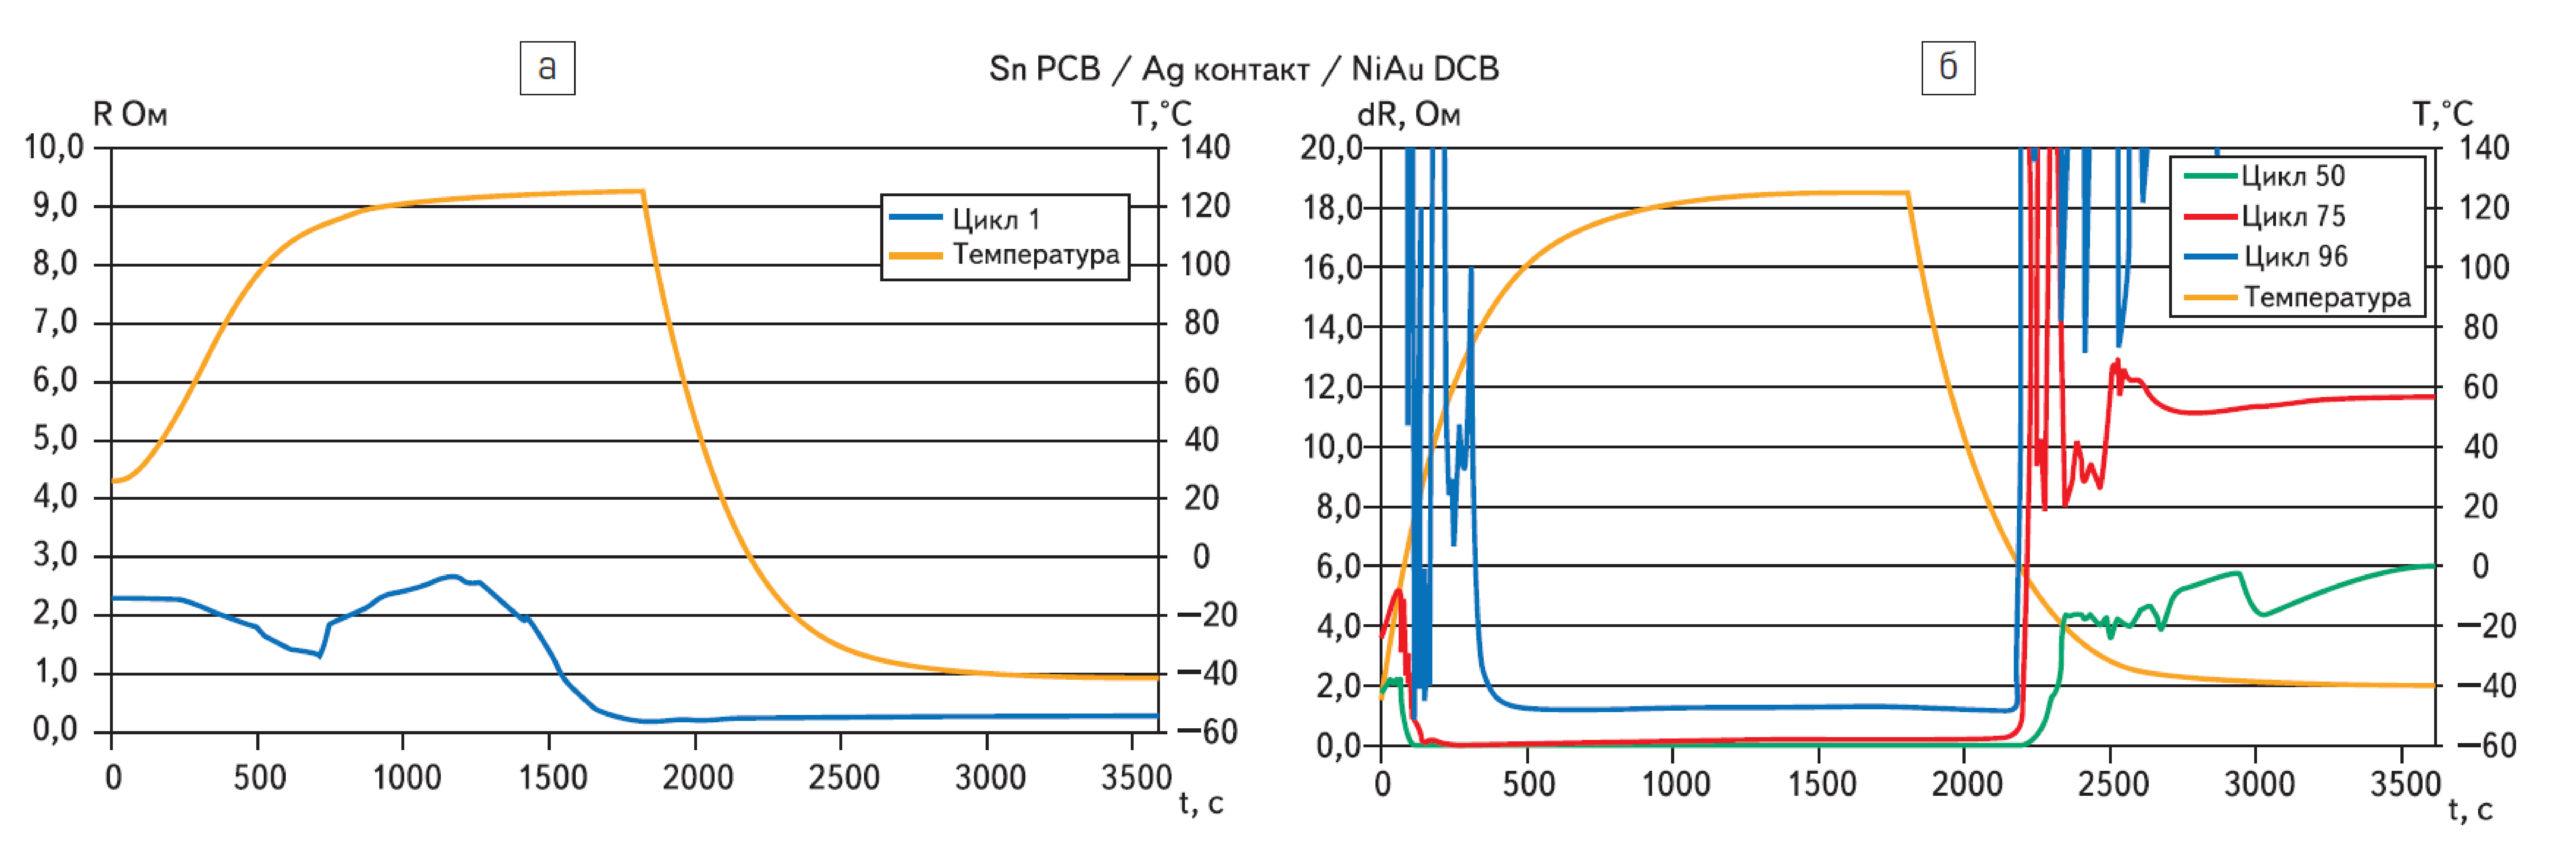 Испытания контактной системы, состоящей из PCB с корродированным покрытием в интерметаллической фазе и модуля MiniSKiip